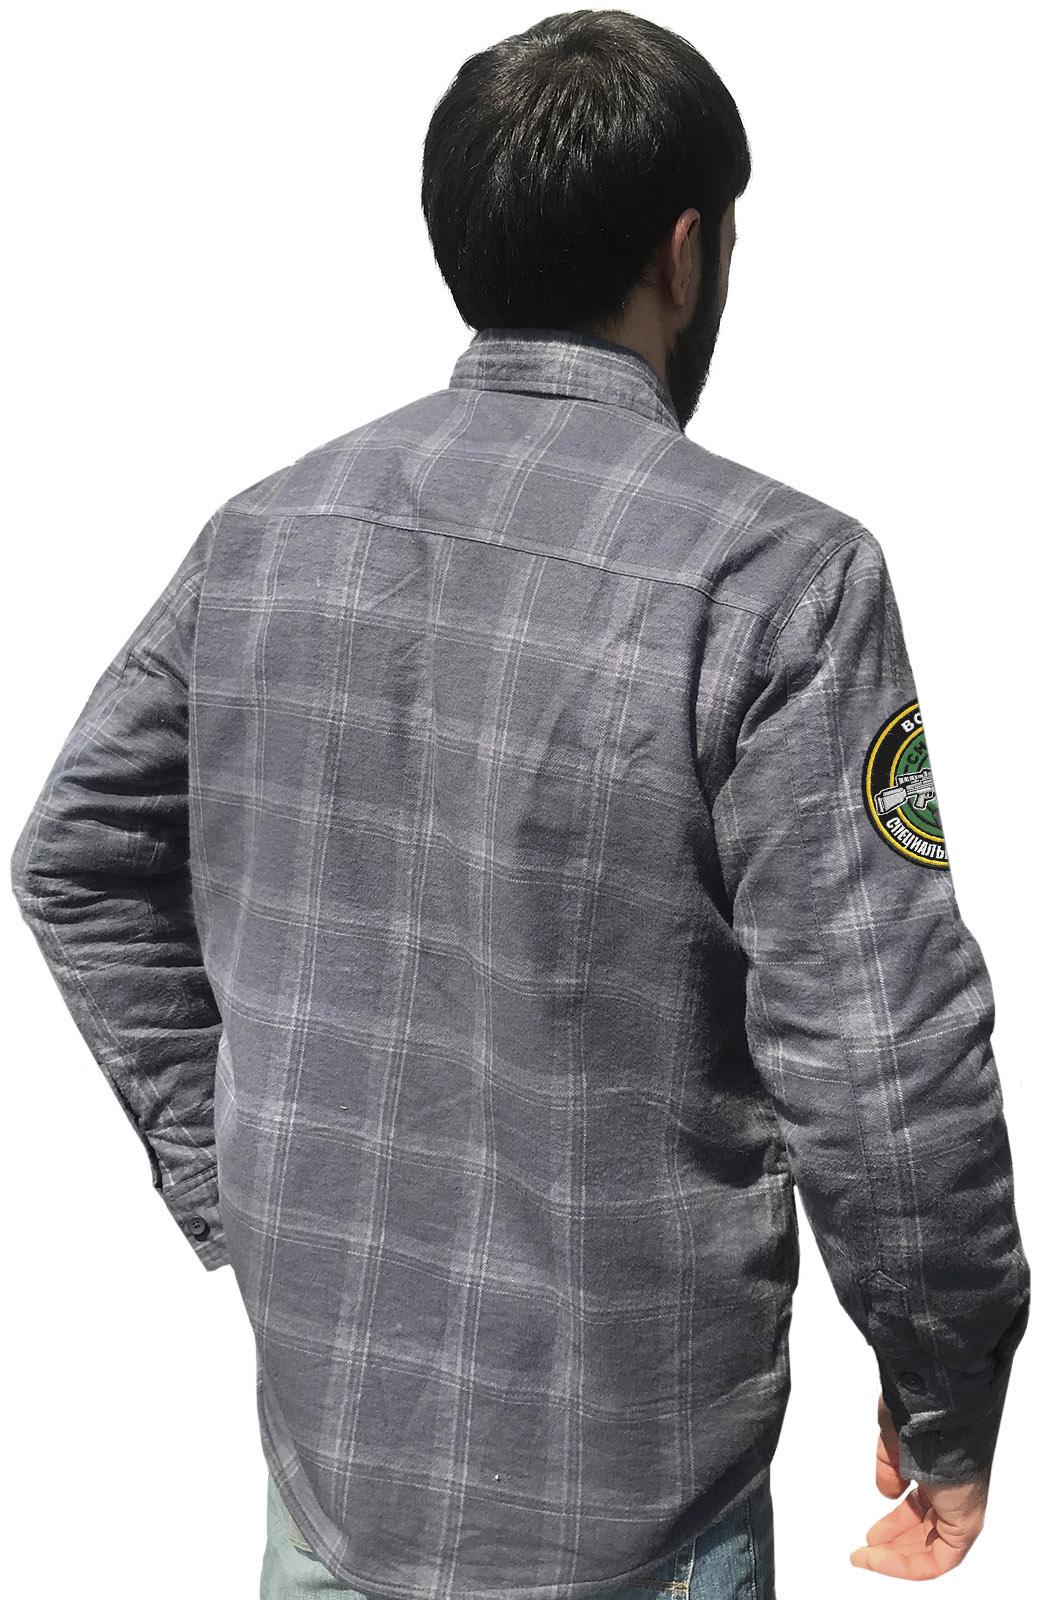 Купить классическую клетчатую рубашку с вышитым шевроном Снайпер по лучшей цене